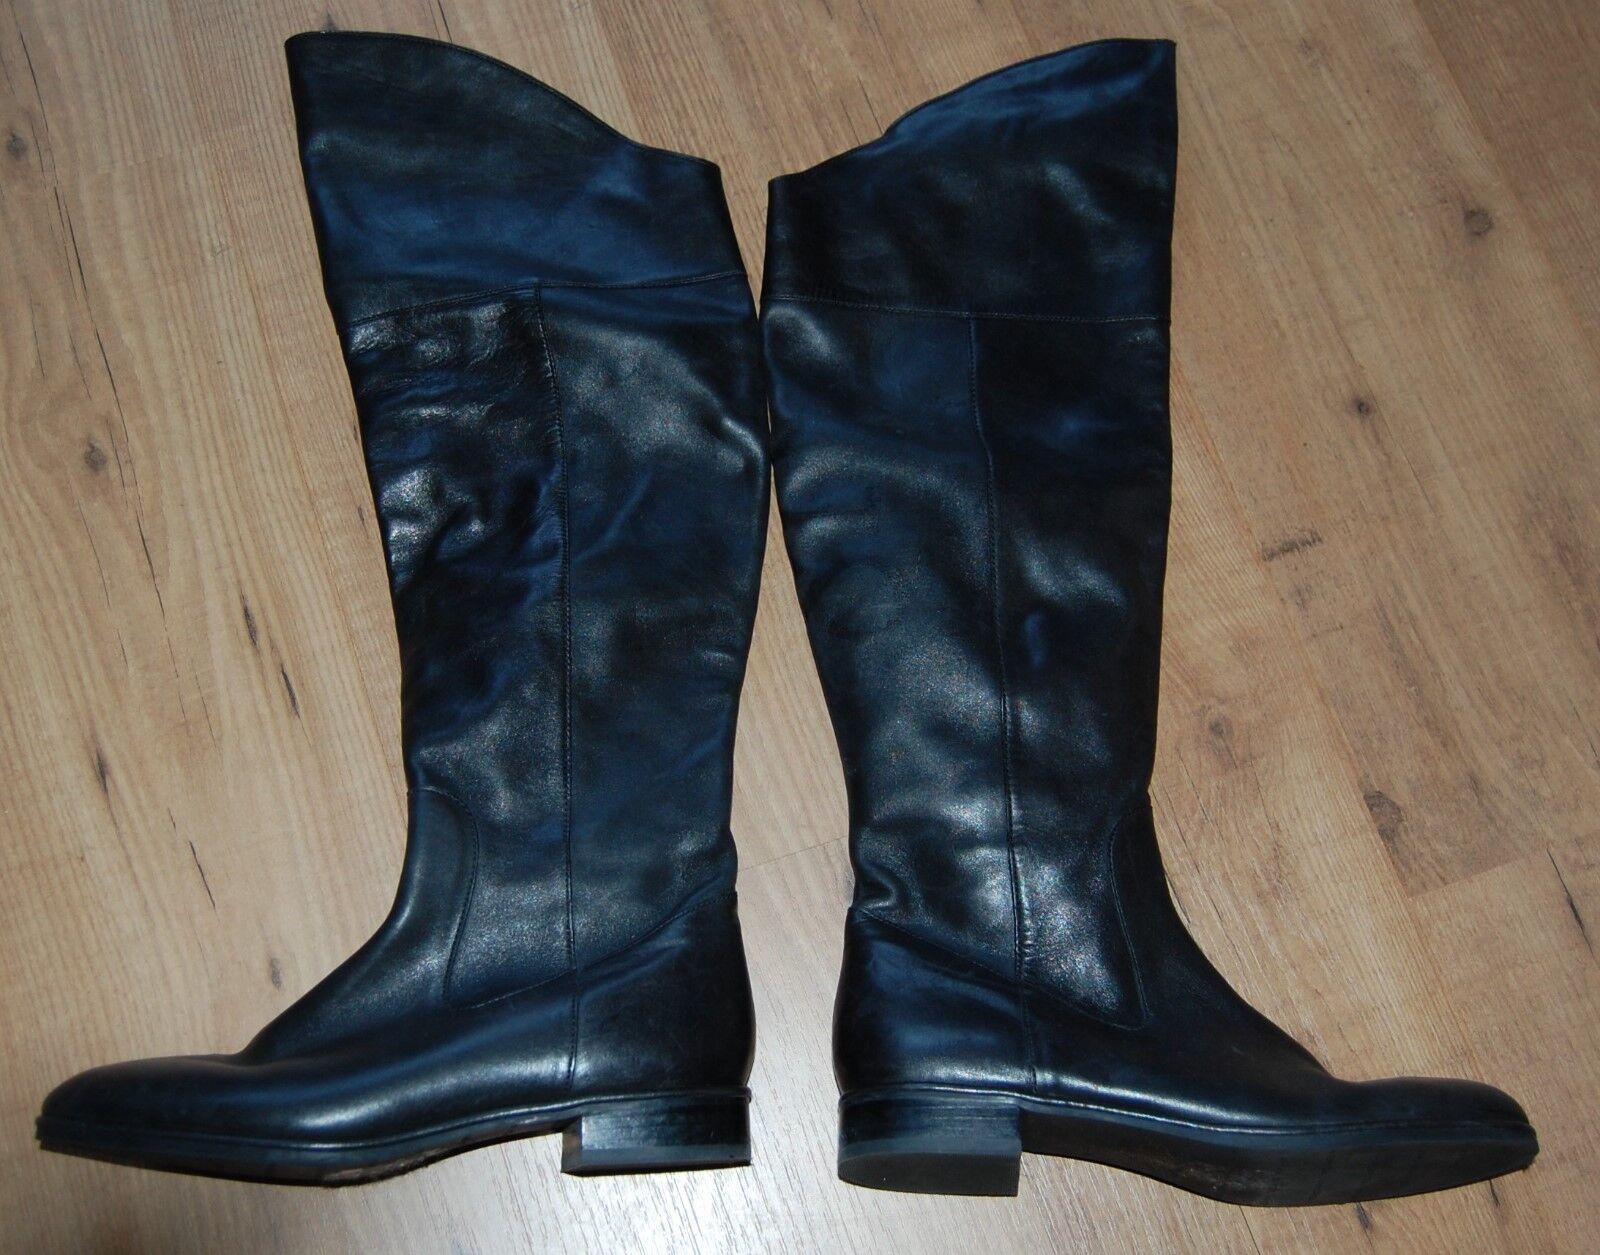 Via Spiga Kailey cuir noir zip sur bottes cavalières hautes Taille 8.5